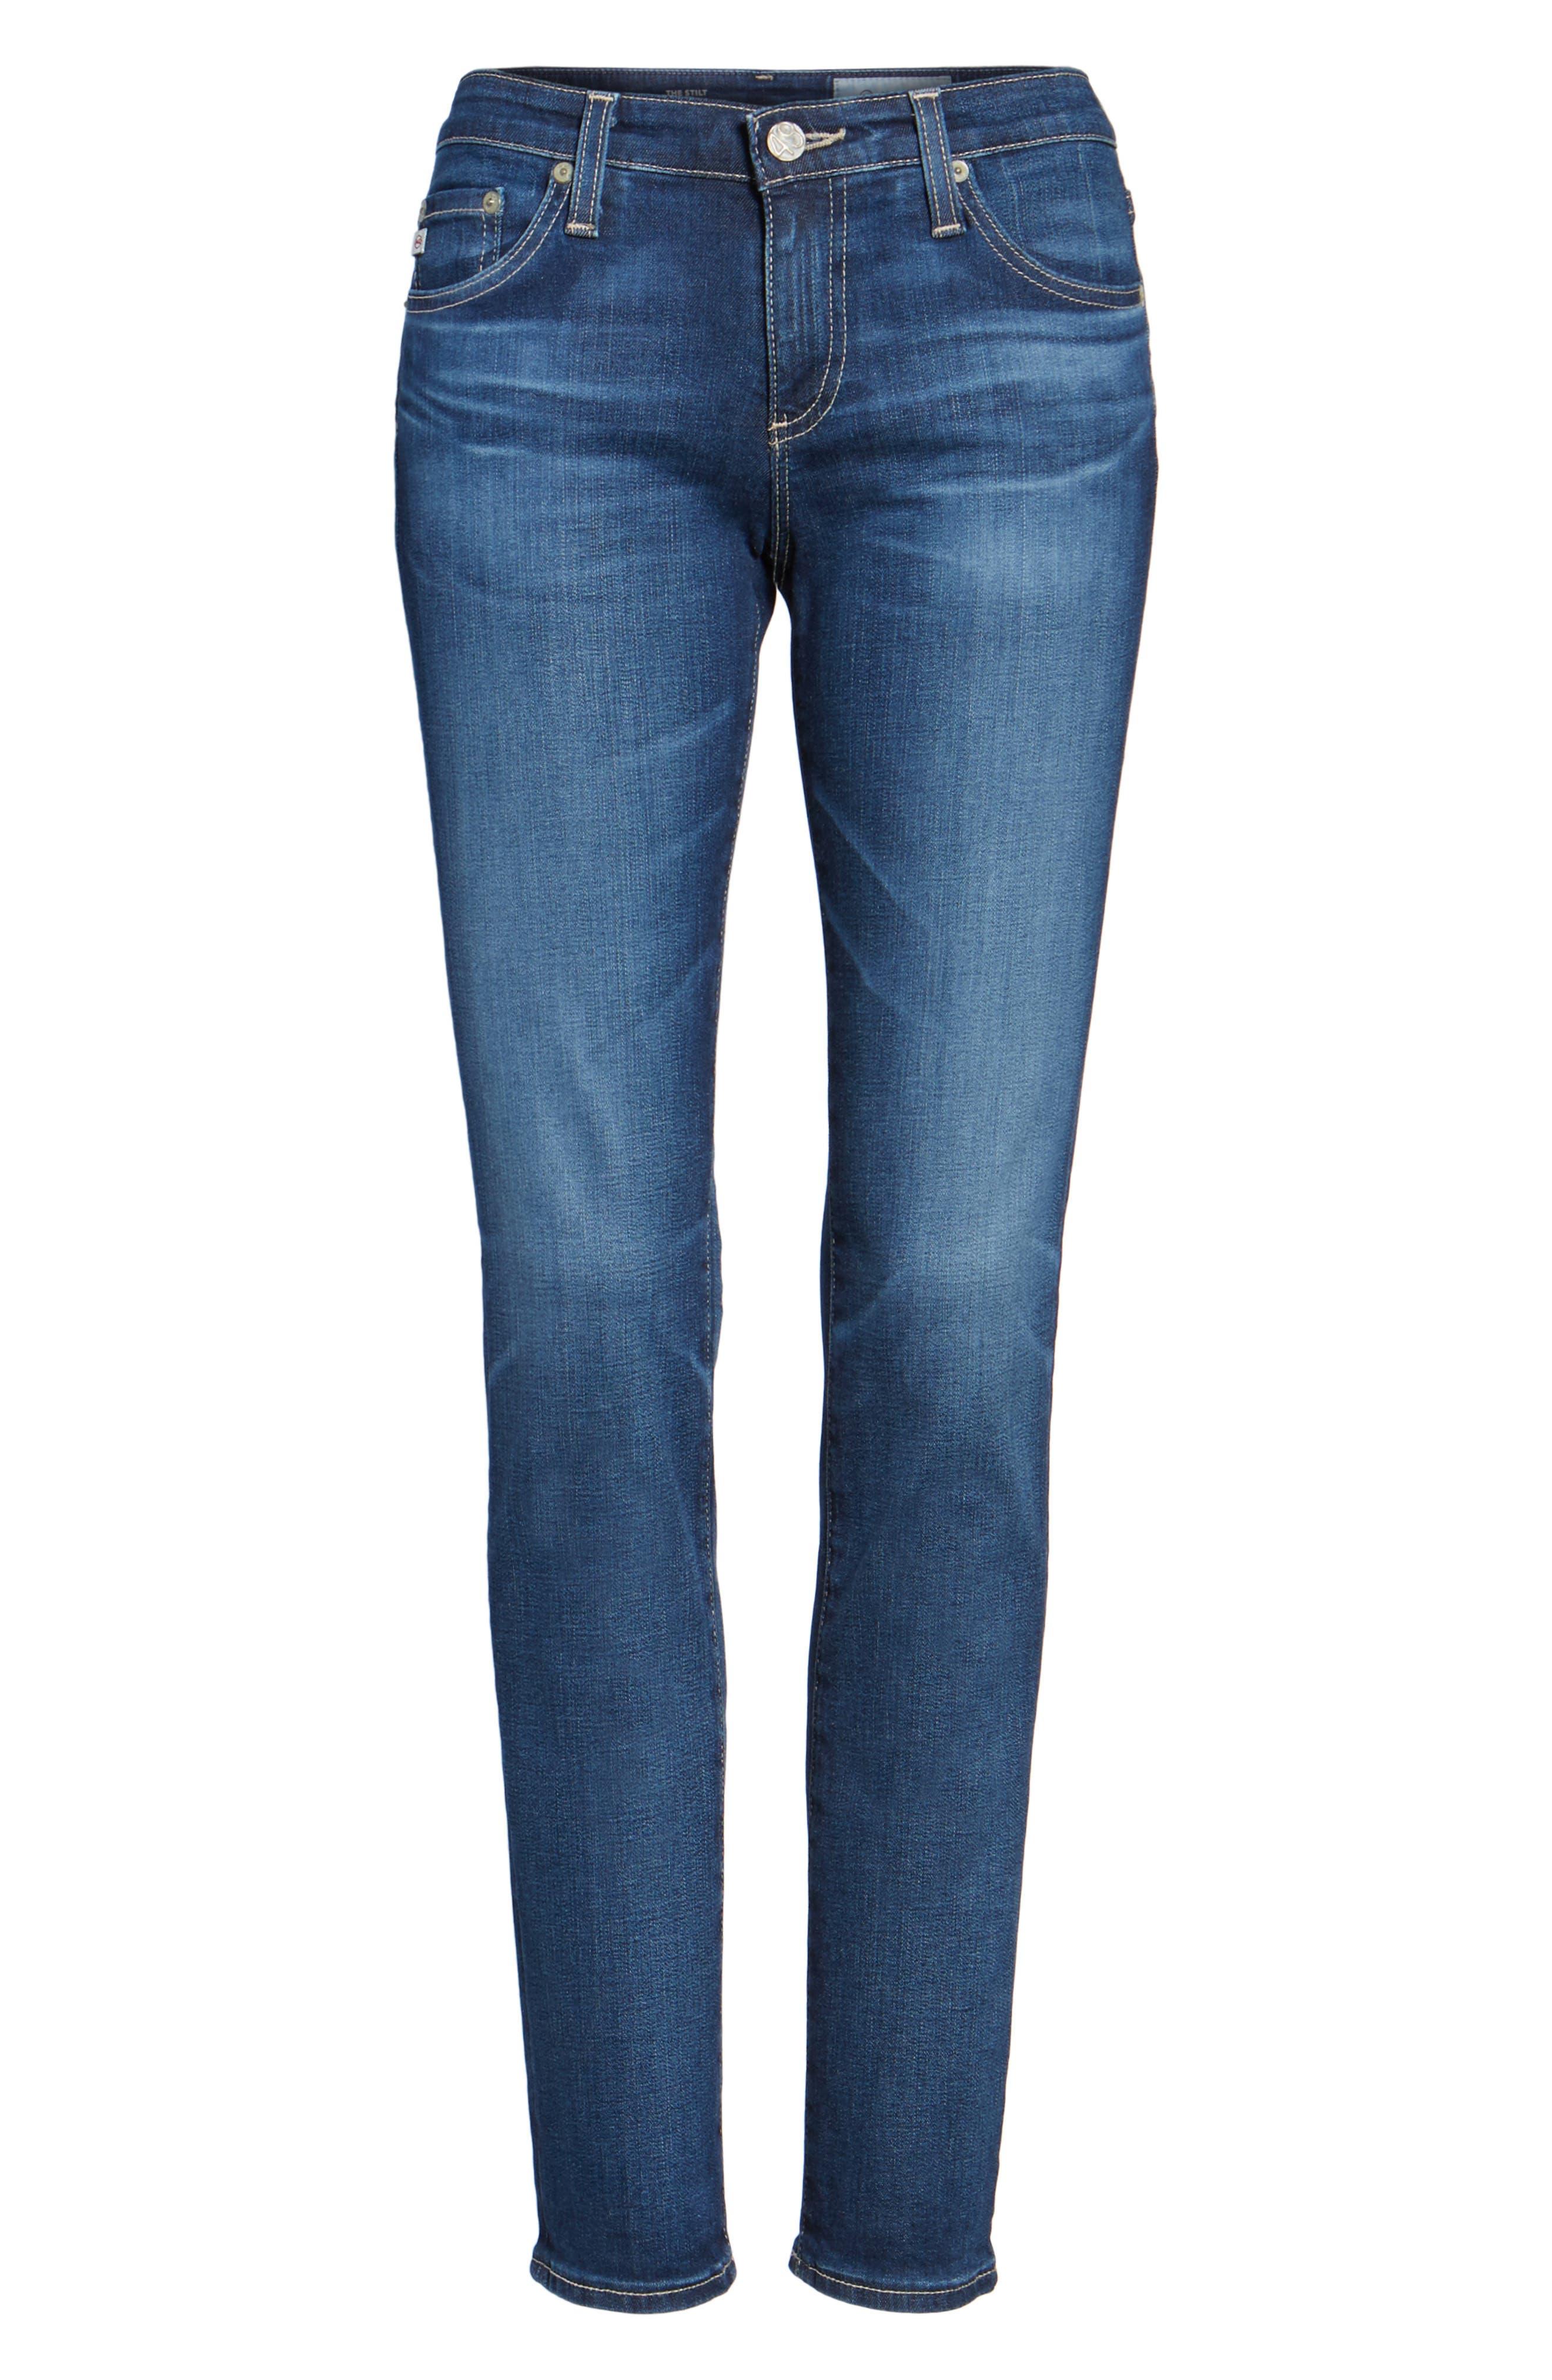 'The Stilt' Cigarette Leg Jeans,                         Main,                         color, 401